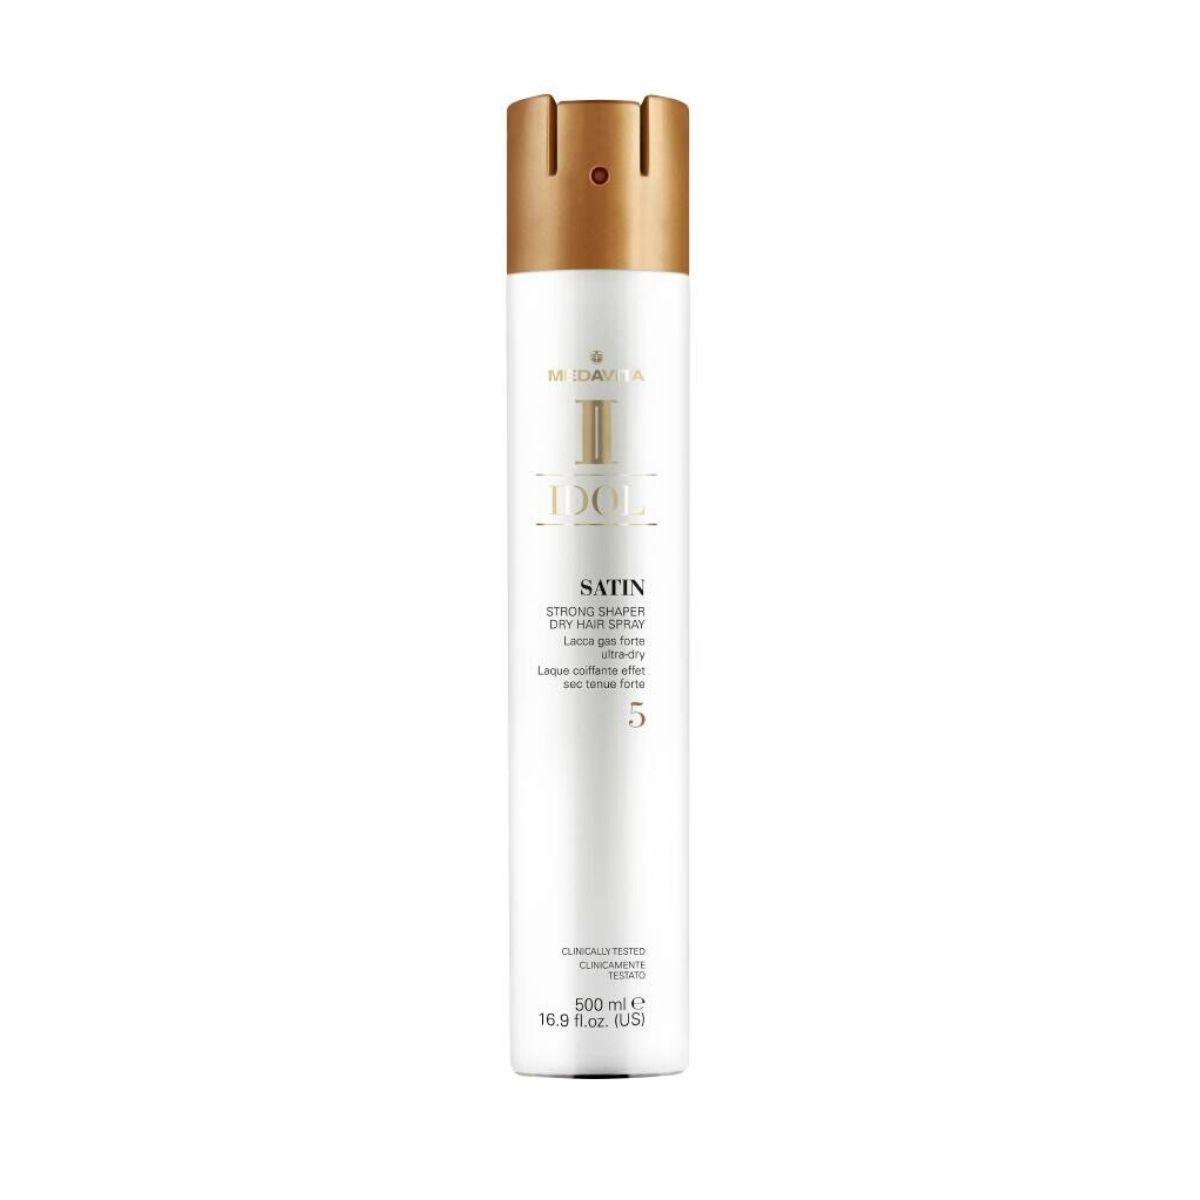 MEDAVITA Idol Satin Strong Shaper Dry Hair Spray 5 500ml - Lakier do włosów o ultra suchym wykończeniu (mocny)